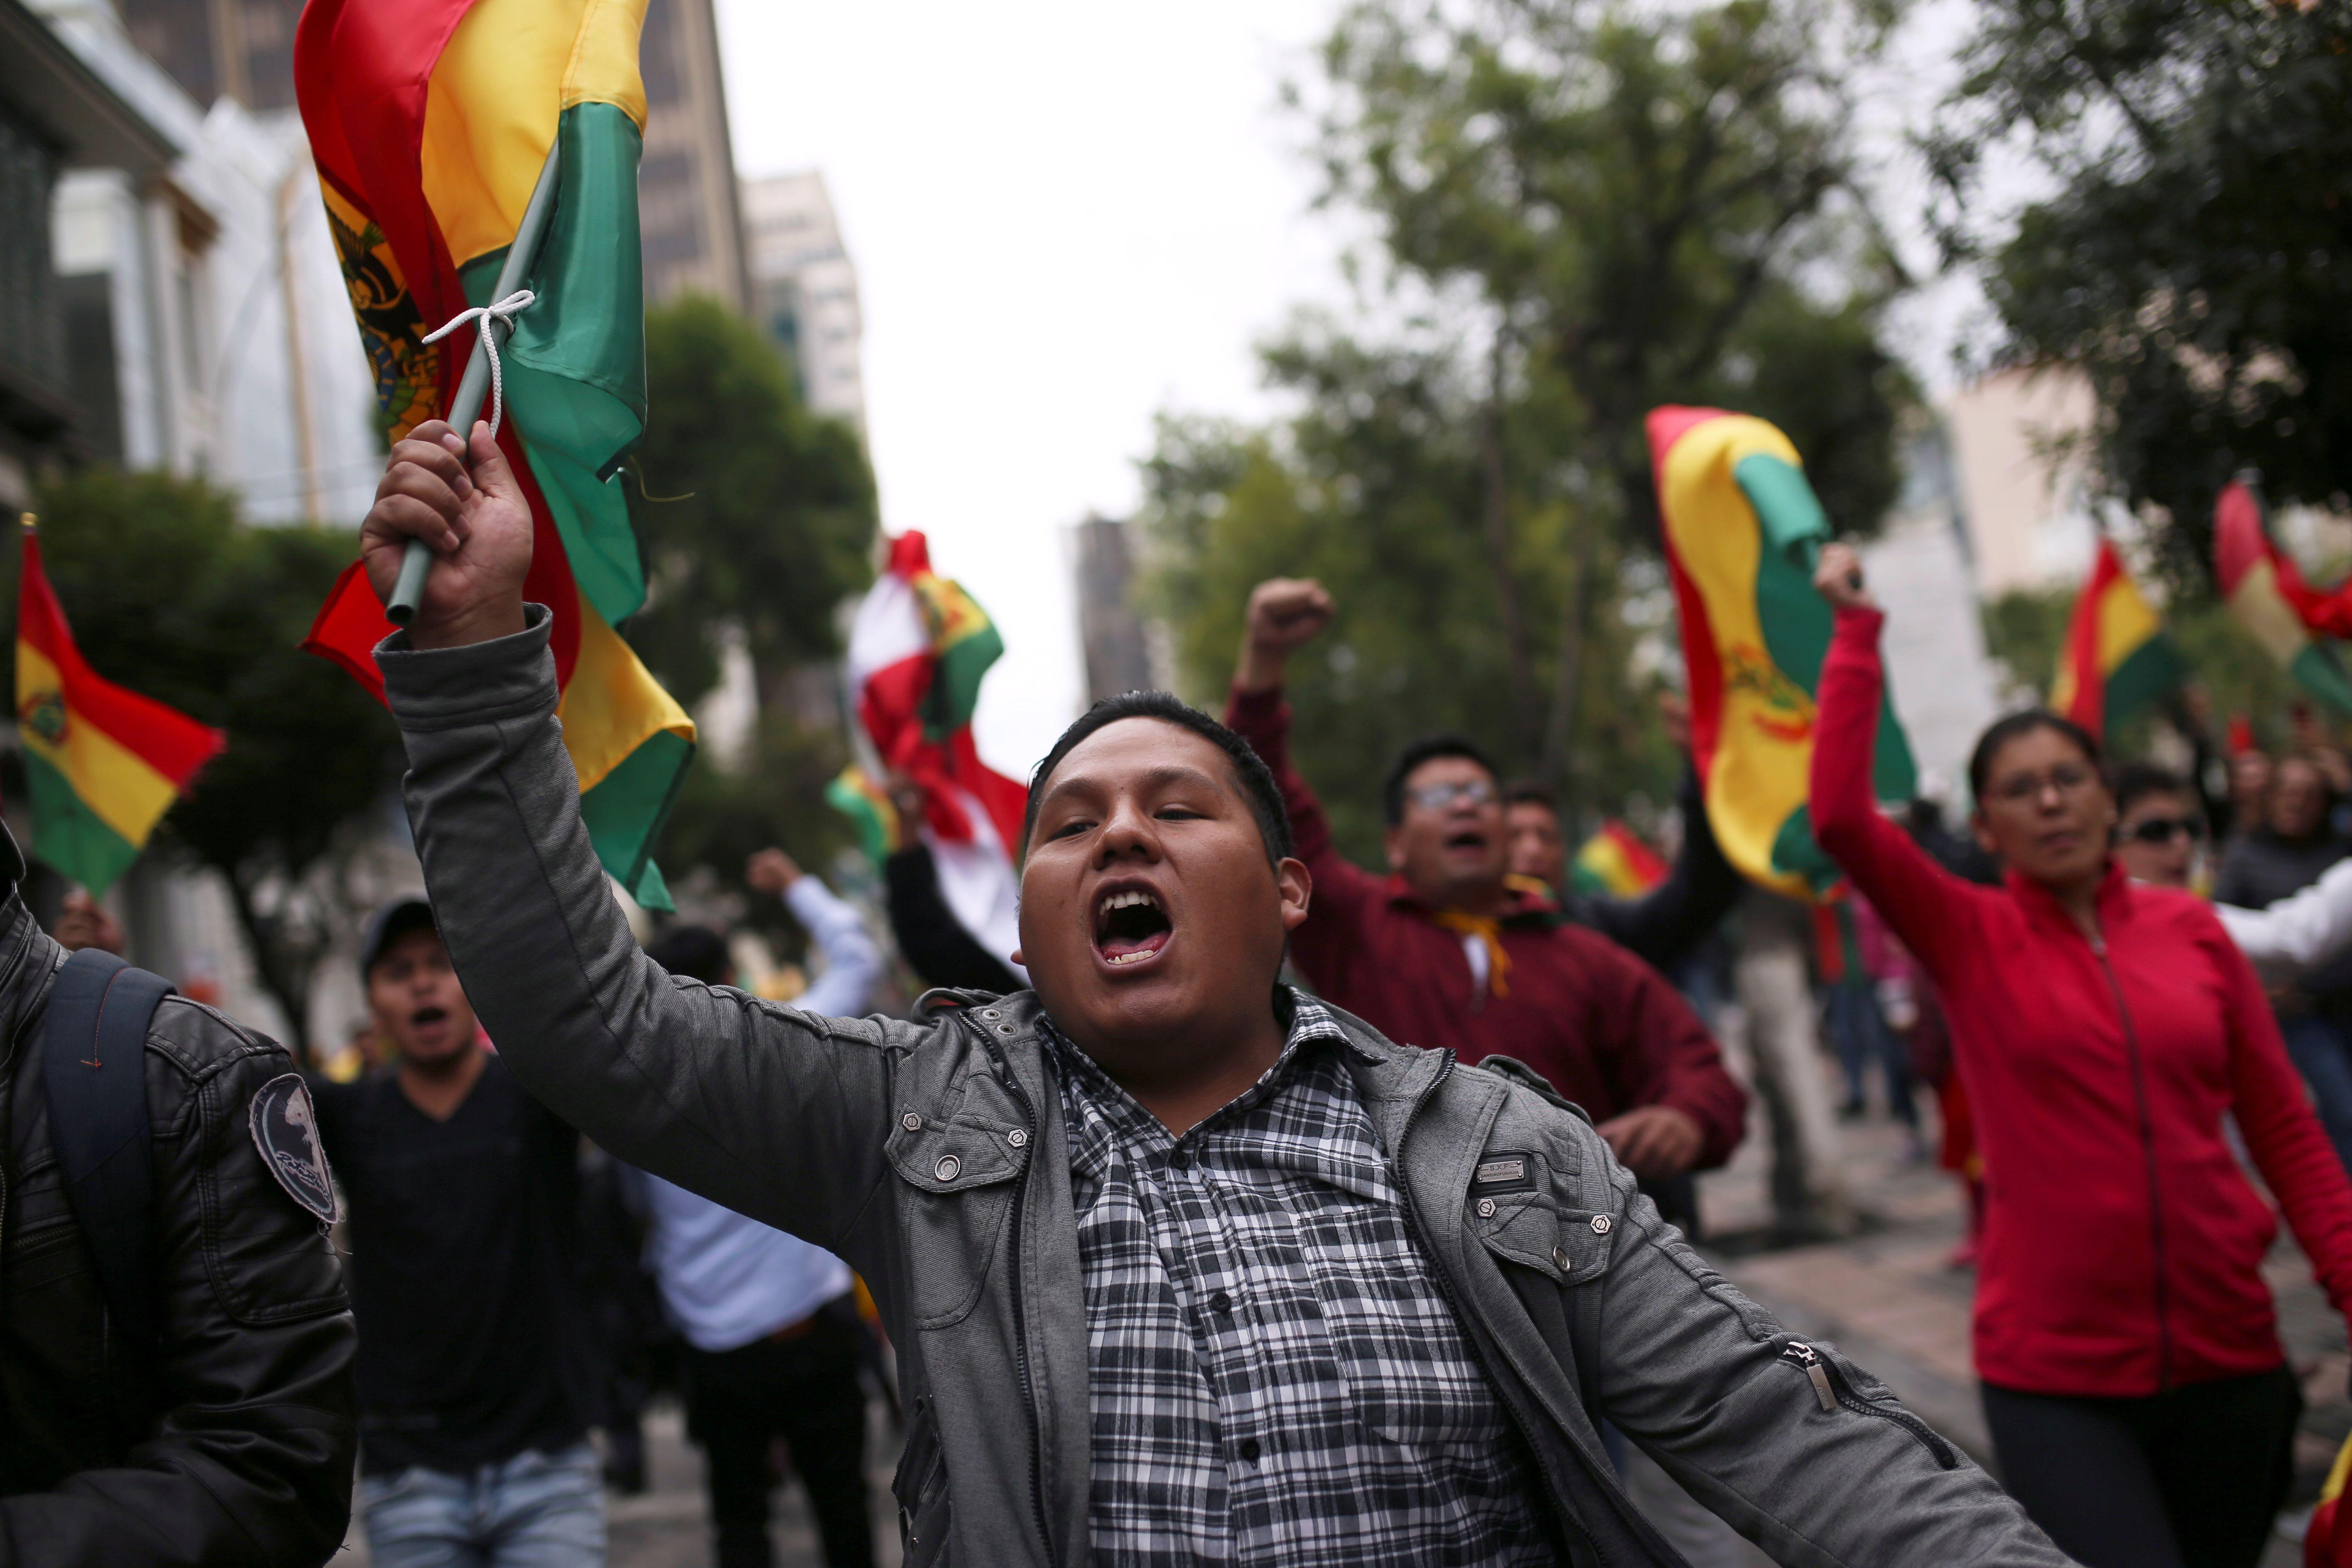 Bajo otras circunstancias era impensada la posibilidad de que la oposición llegue al centro de La Paz. Sin embargo, Morales fue perdiendo cada vez más apoyos